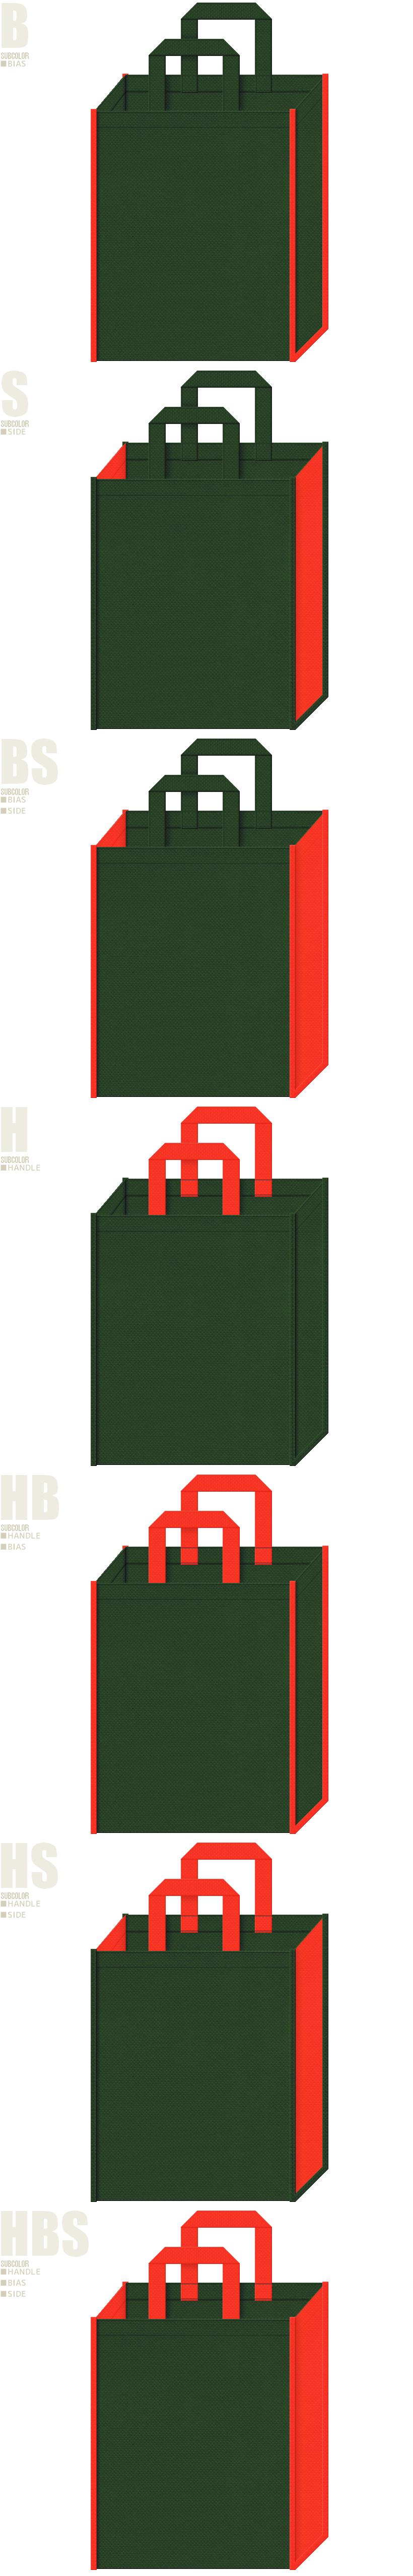 パンプキン・ハロウィン・バーベキュー・登山・アウトドア・キャンプ用品の展示会用バッグにお奨めの不織布バッグデザイン:濃緑色とオレンジ色の配色7パターン